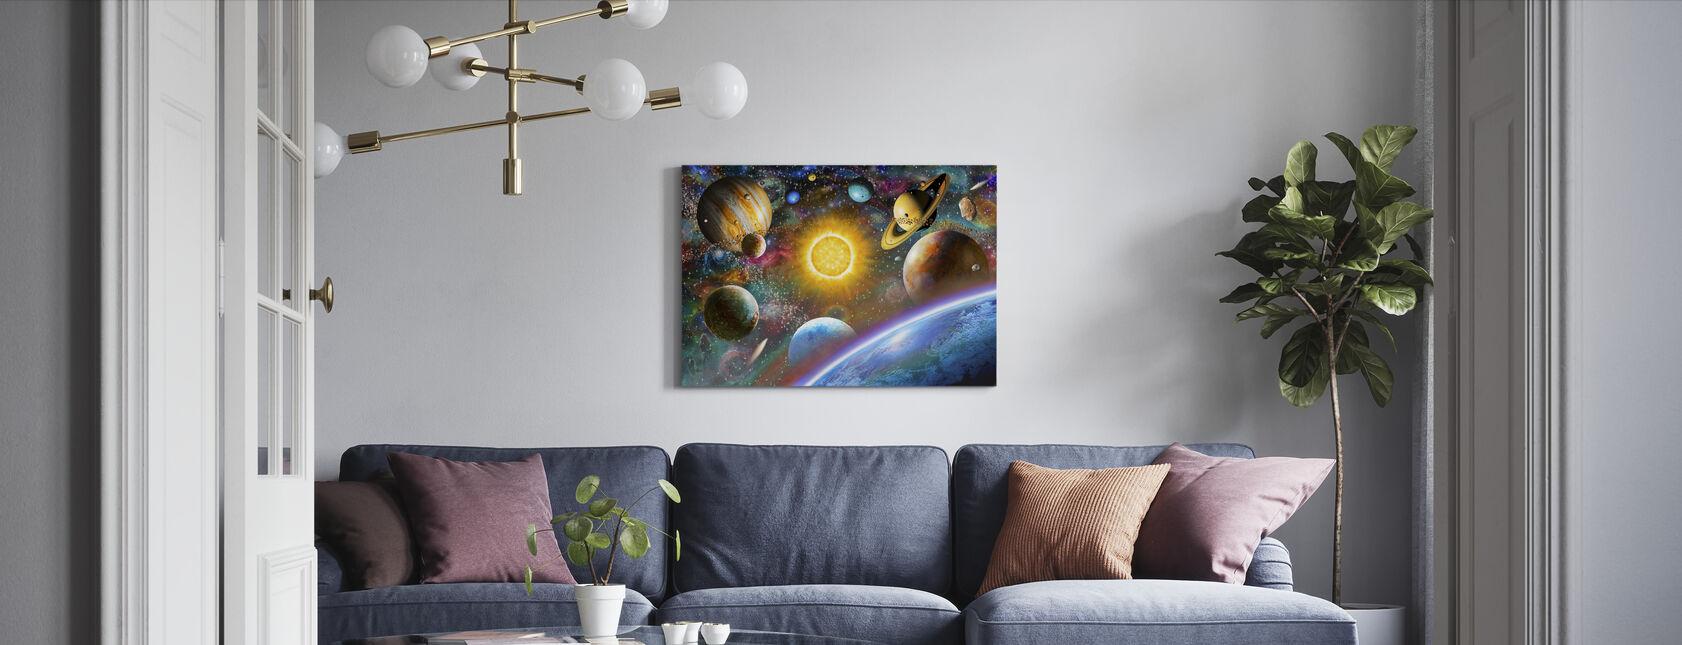 Weltraum - Leinwandbild - Wohnzimmer